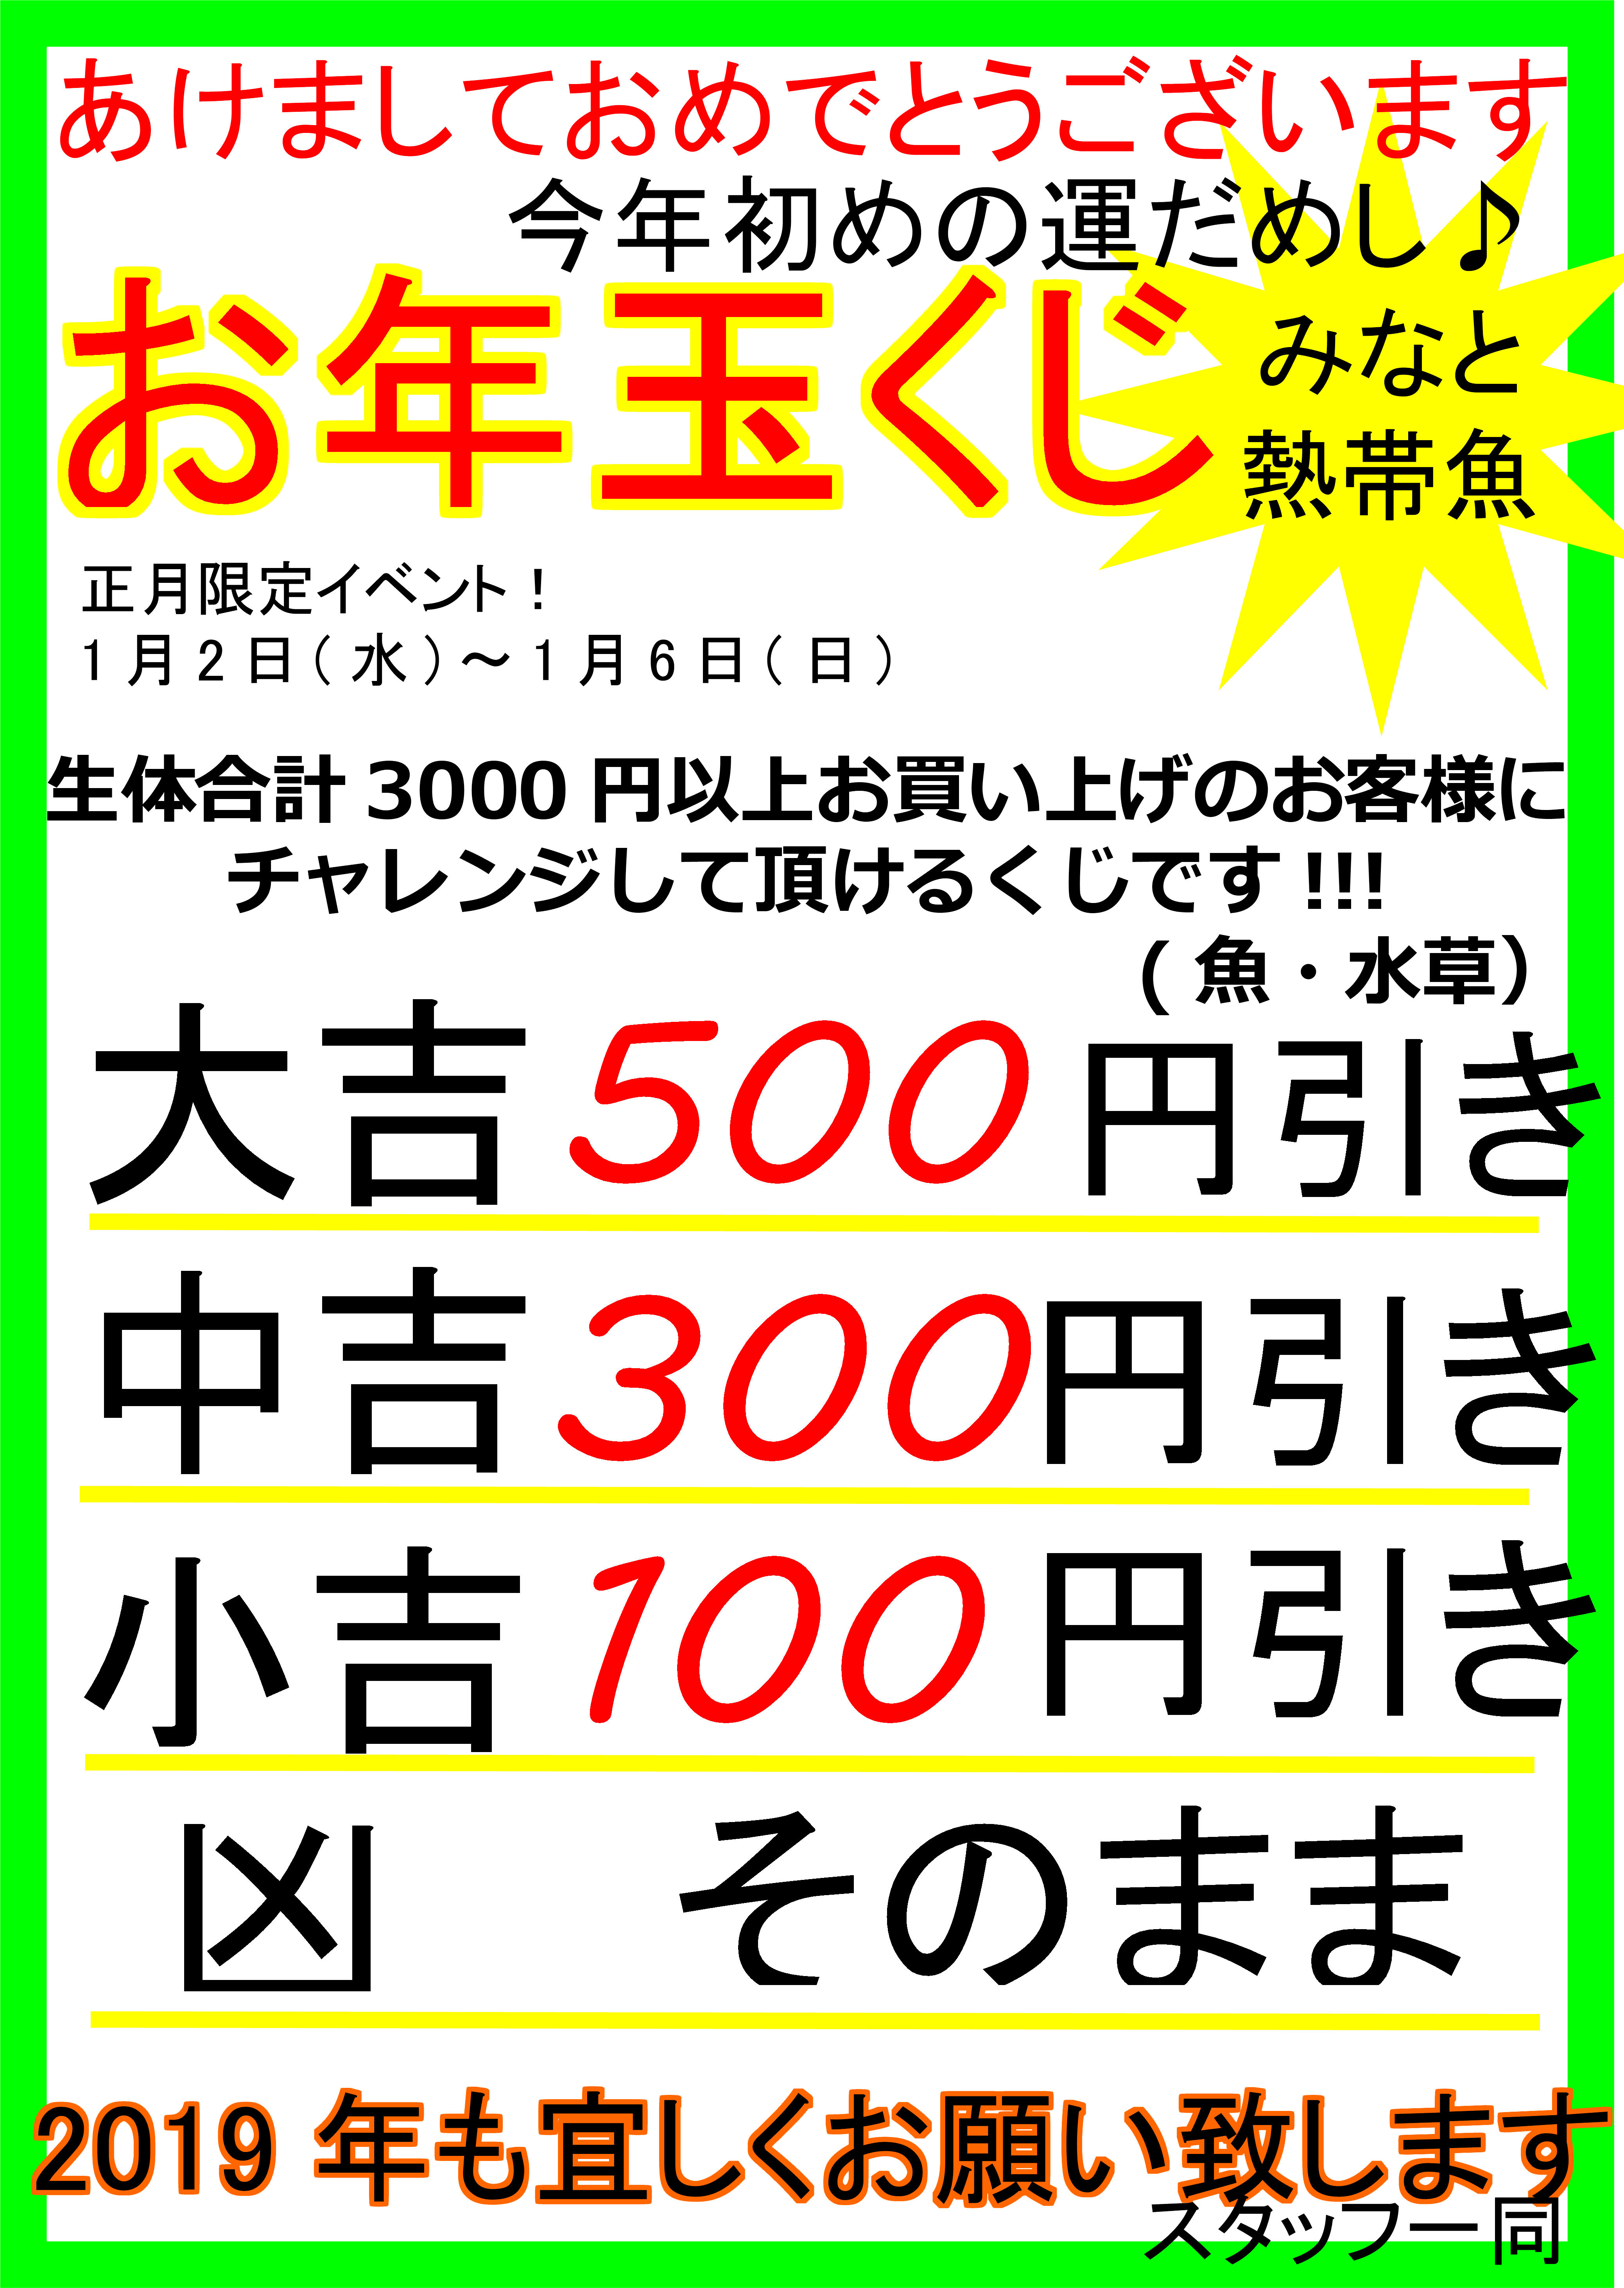 1月5日!!ブラックアロワナベビー本日入荷予定!!